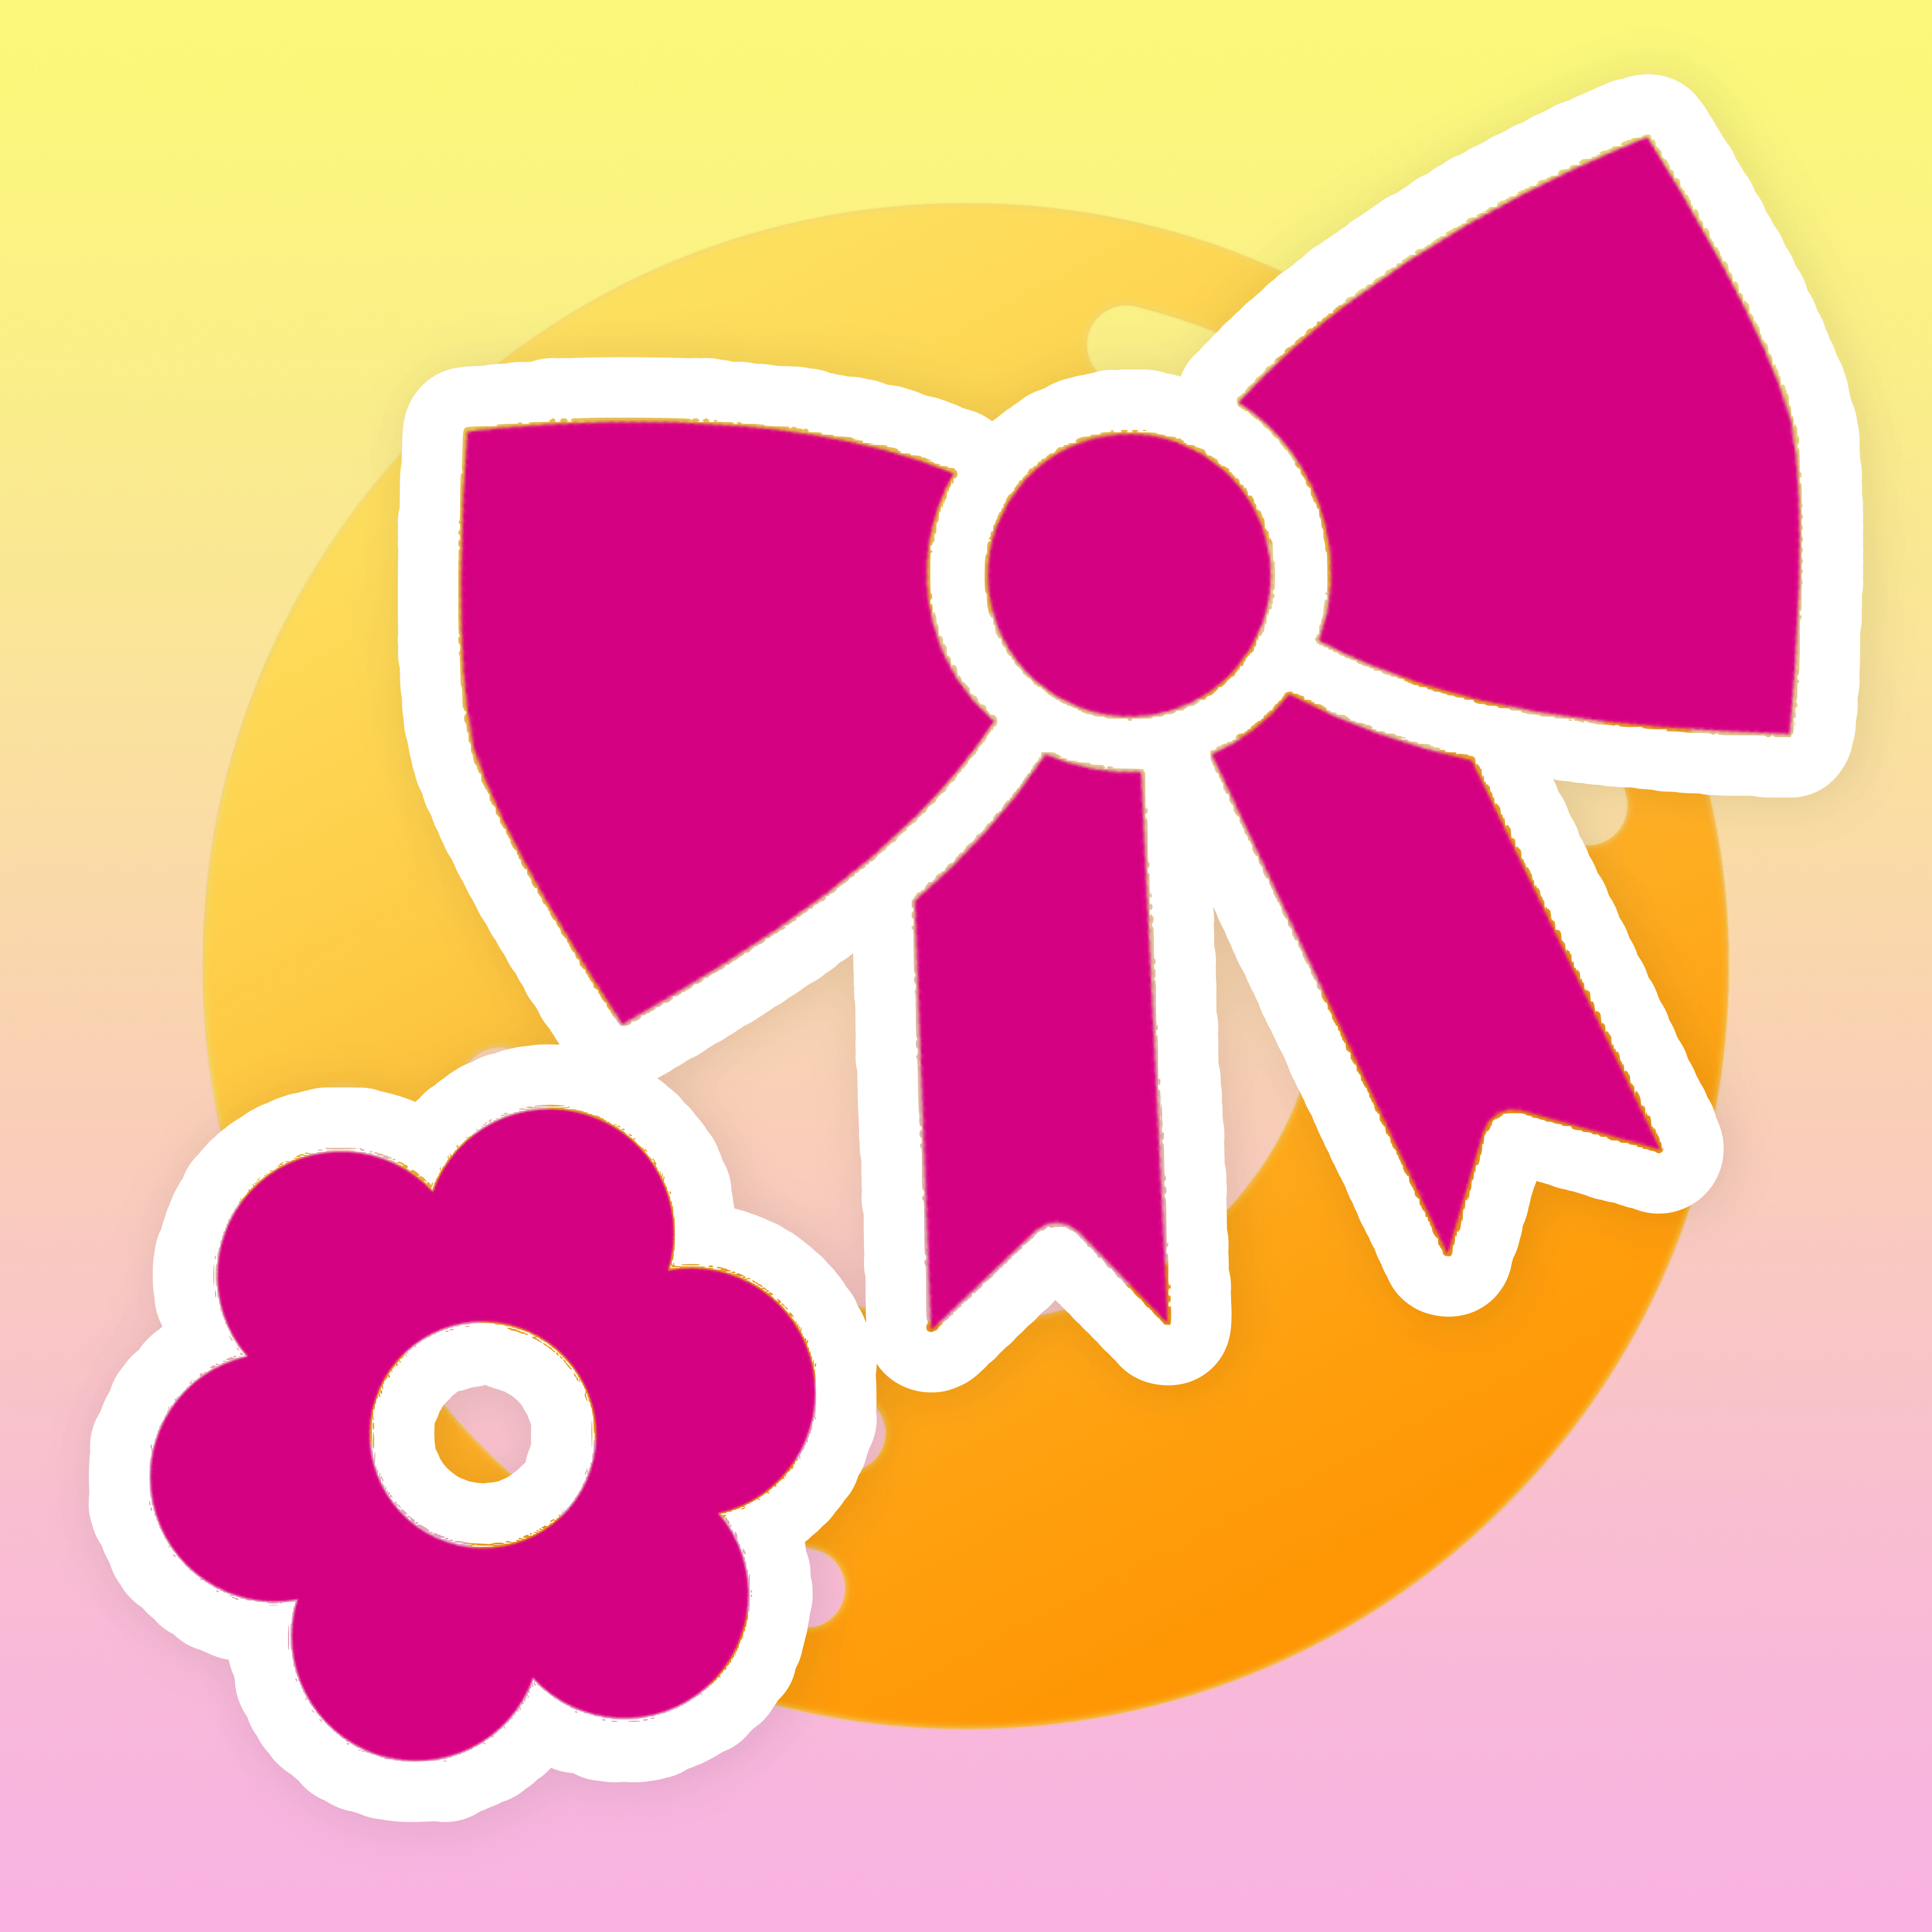 nagisa.kaworu.m0rc0m avatar